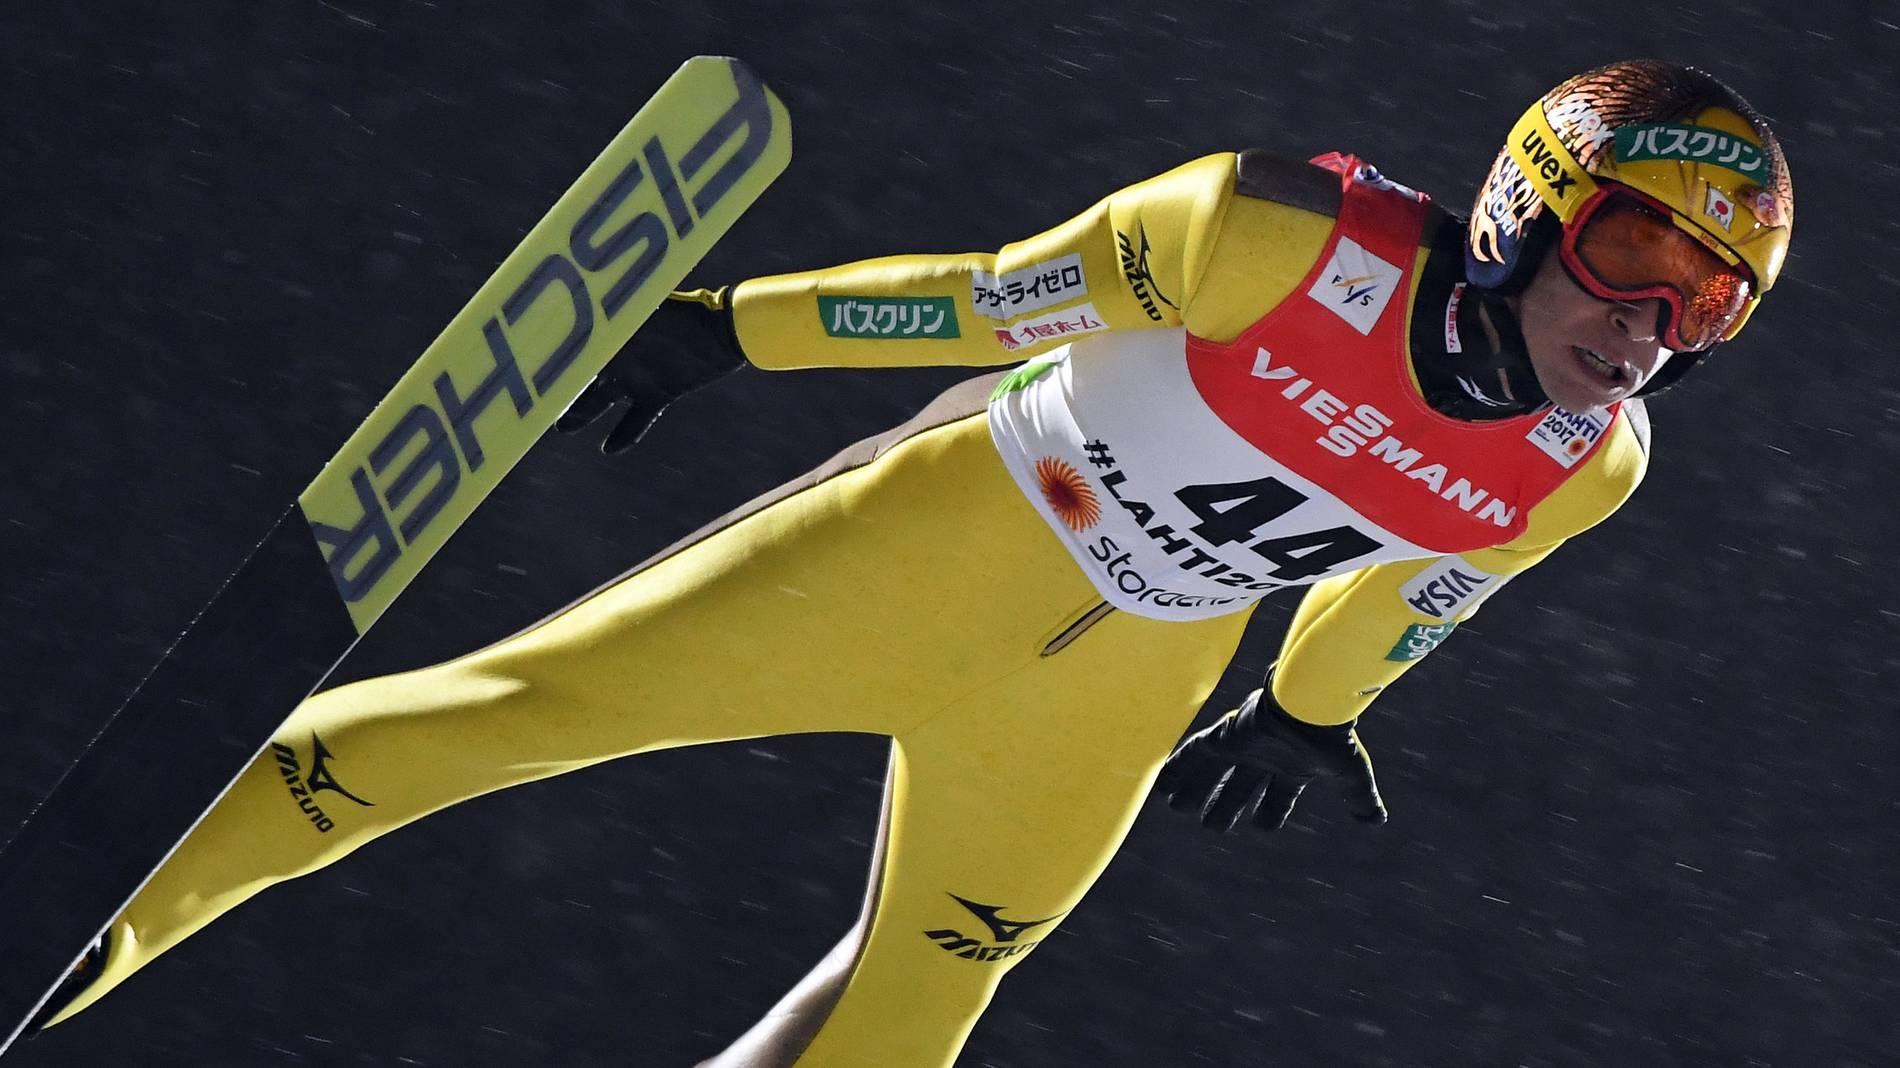 Kasai Skispringer